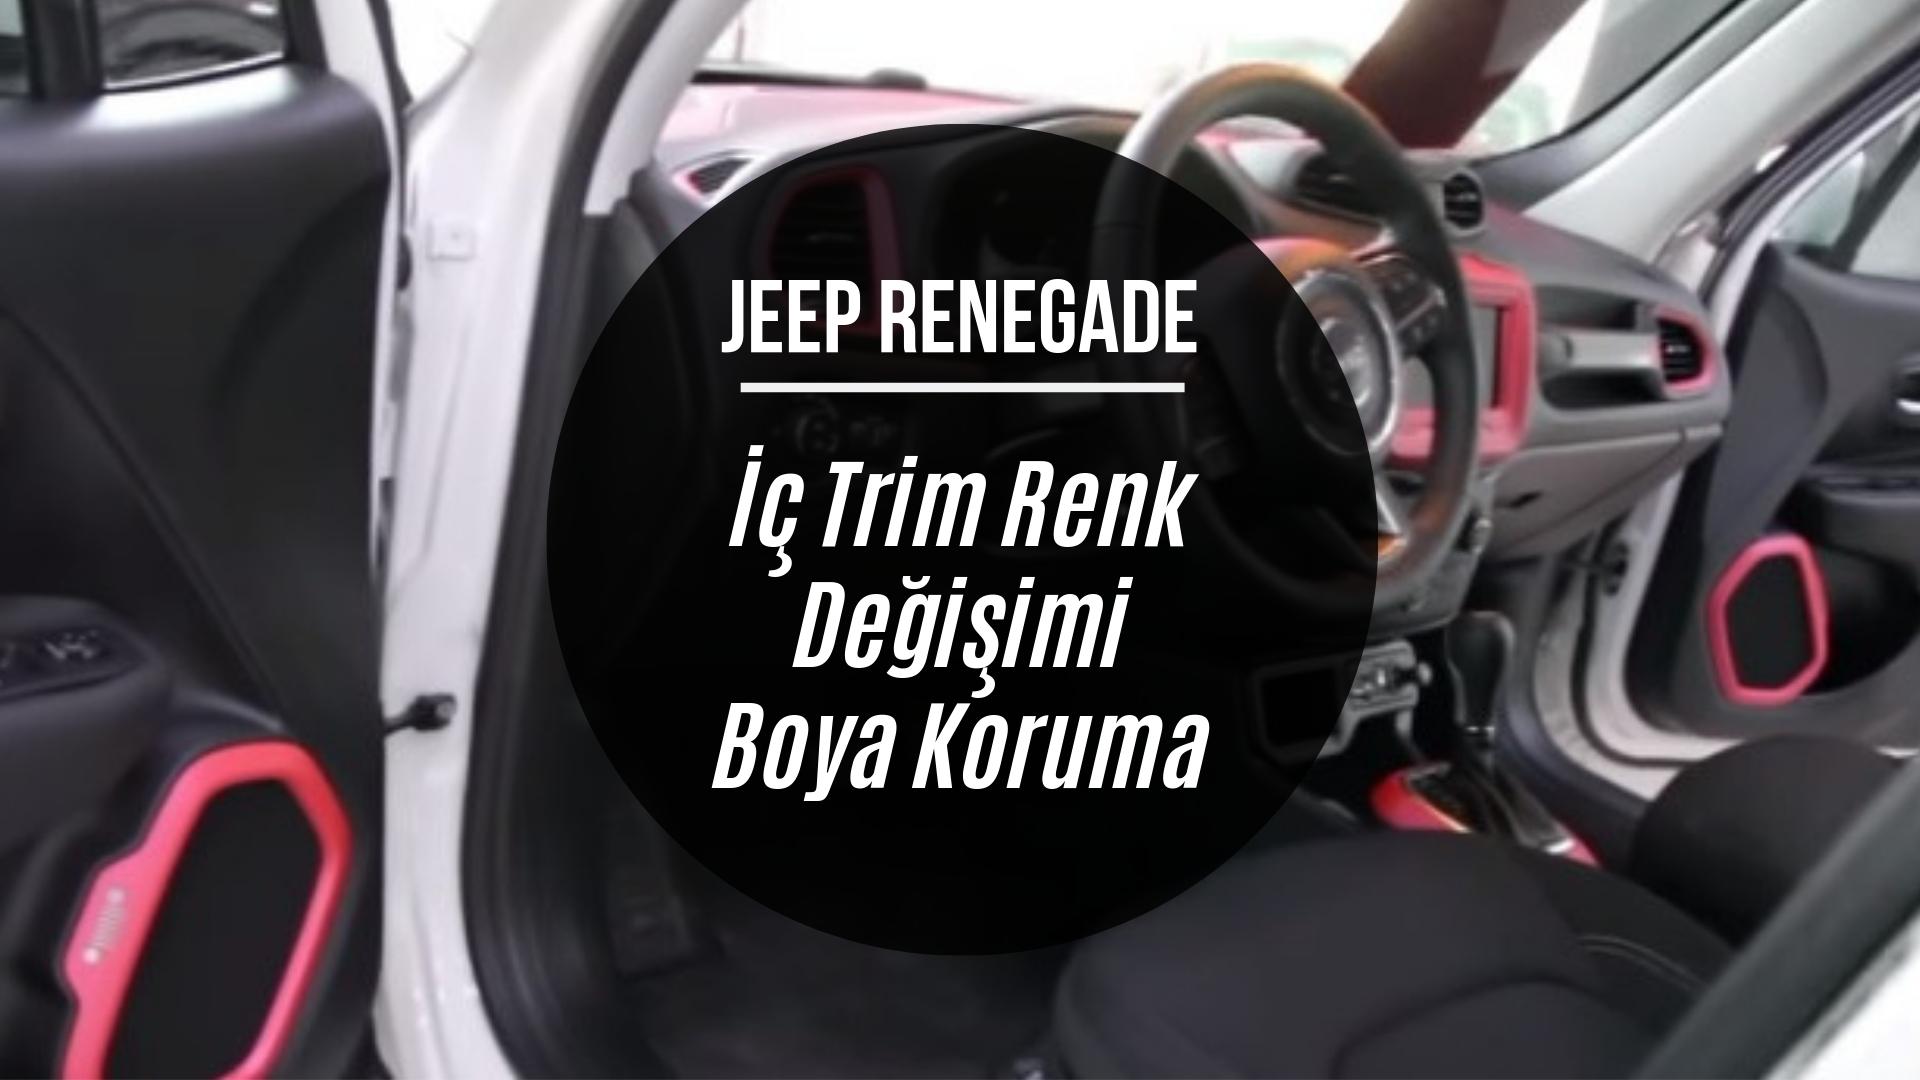 JEEP Renegade - İç Aksam Renk Değişimi Seramik Kaplama Boya Koruma Filmi